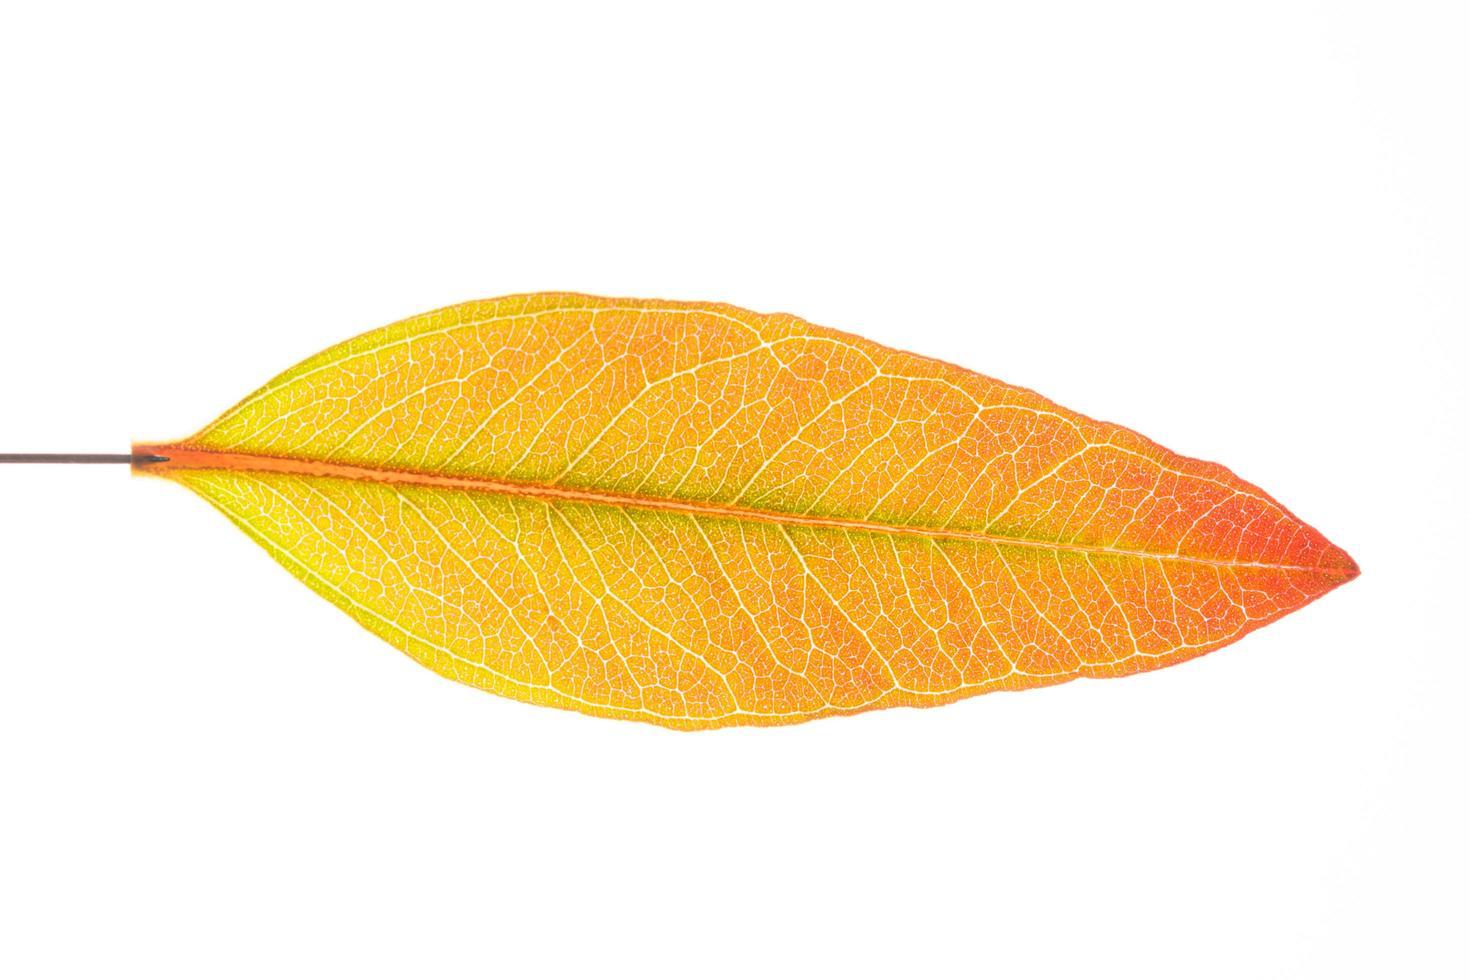 Eukalyptusblatt auf weißem Hintergrund foto